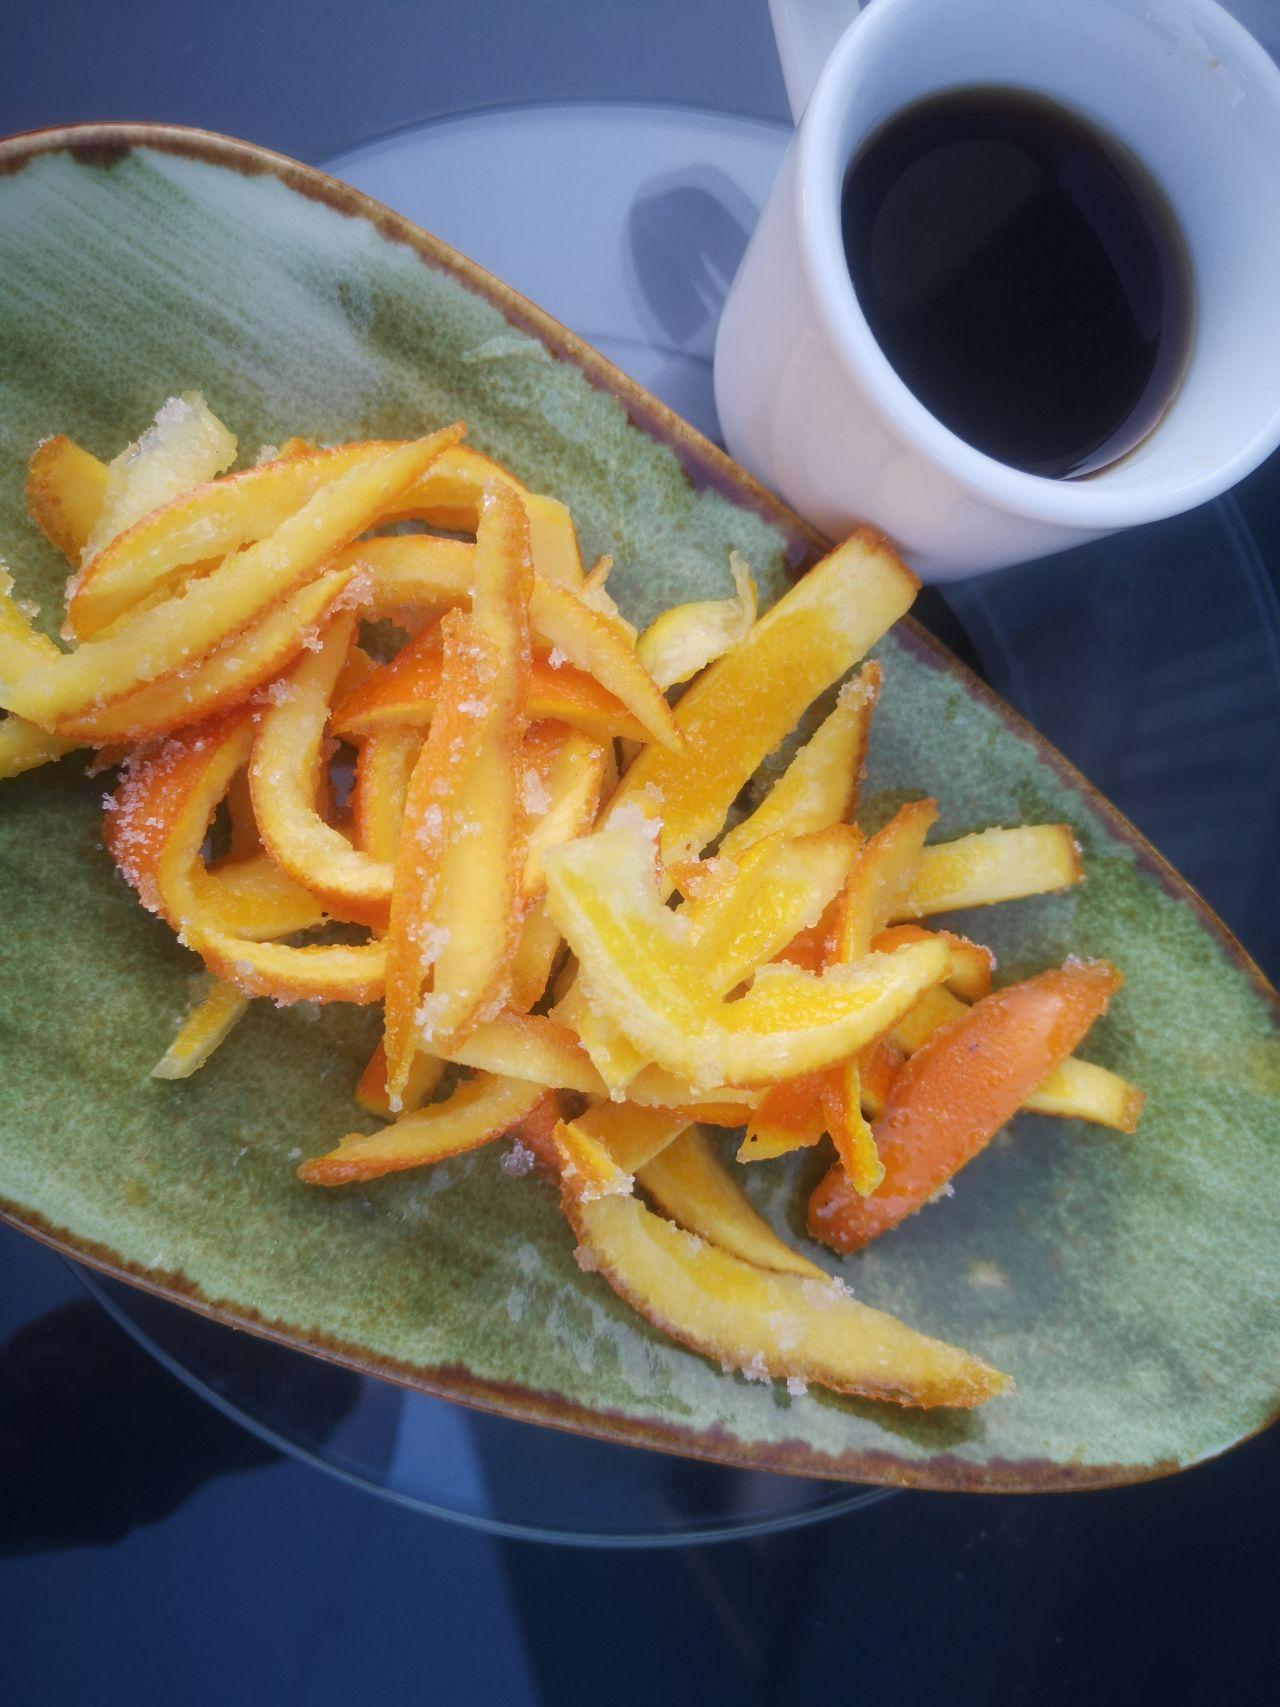 Orangenschalenfruchtgummi serviert auf einem Teller, daneben Eierschalenespresso